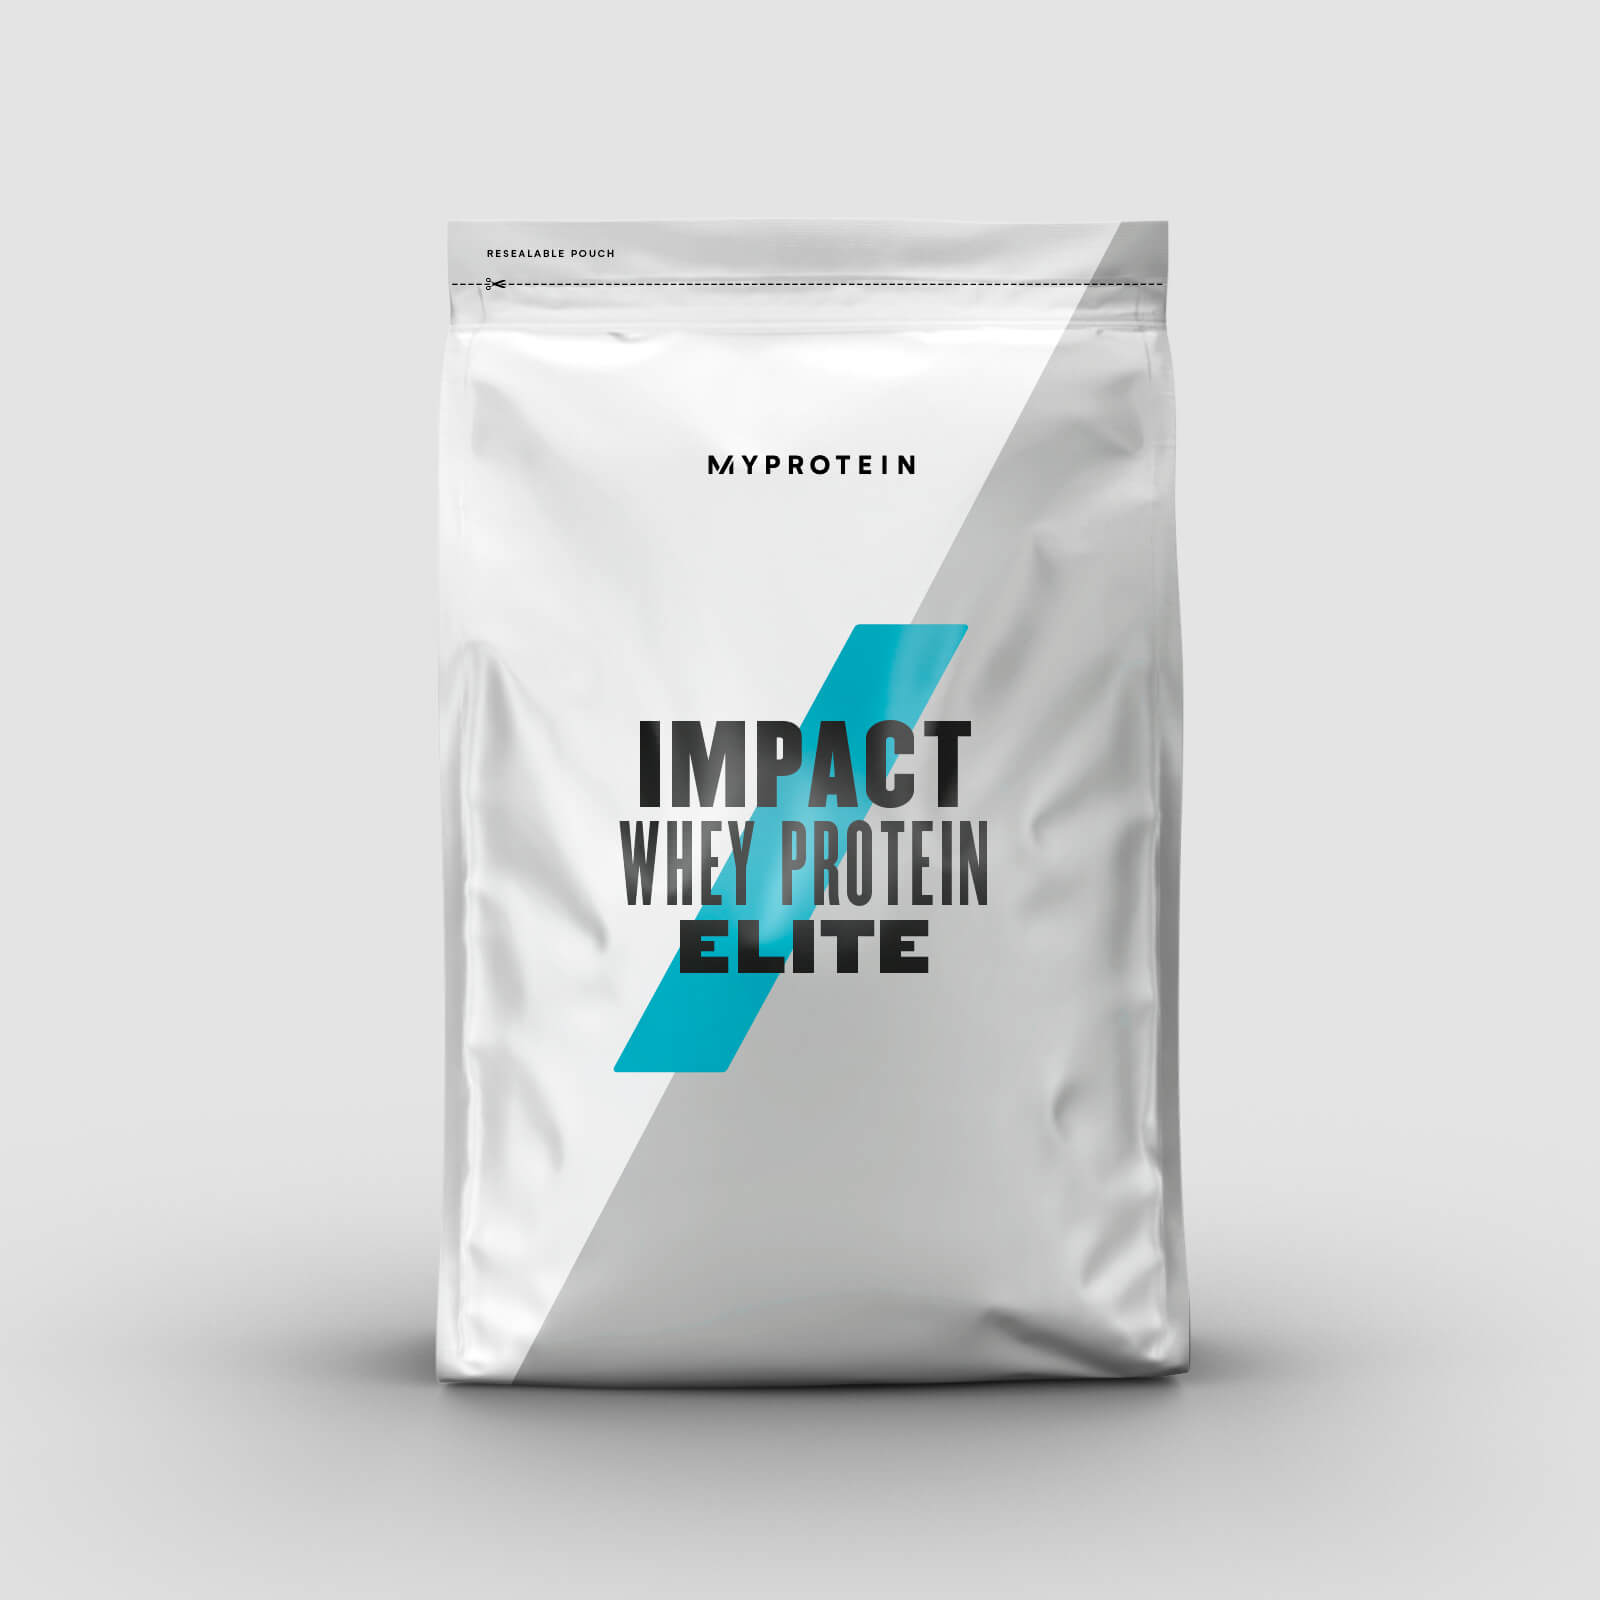 Impact ホエイ プロテイン エリート - 2.5kg - チョコレート